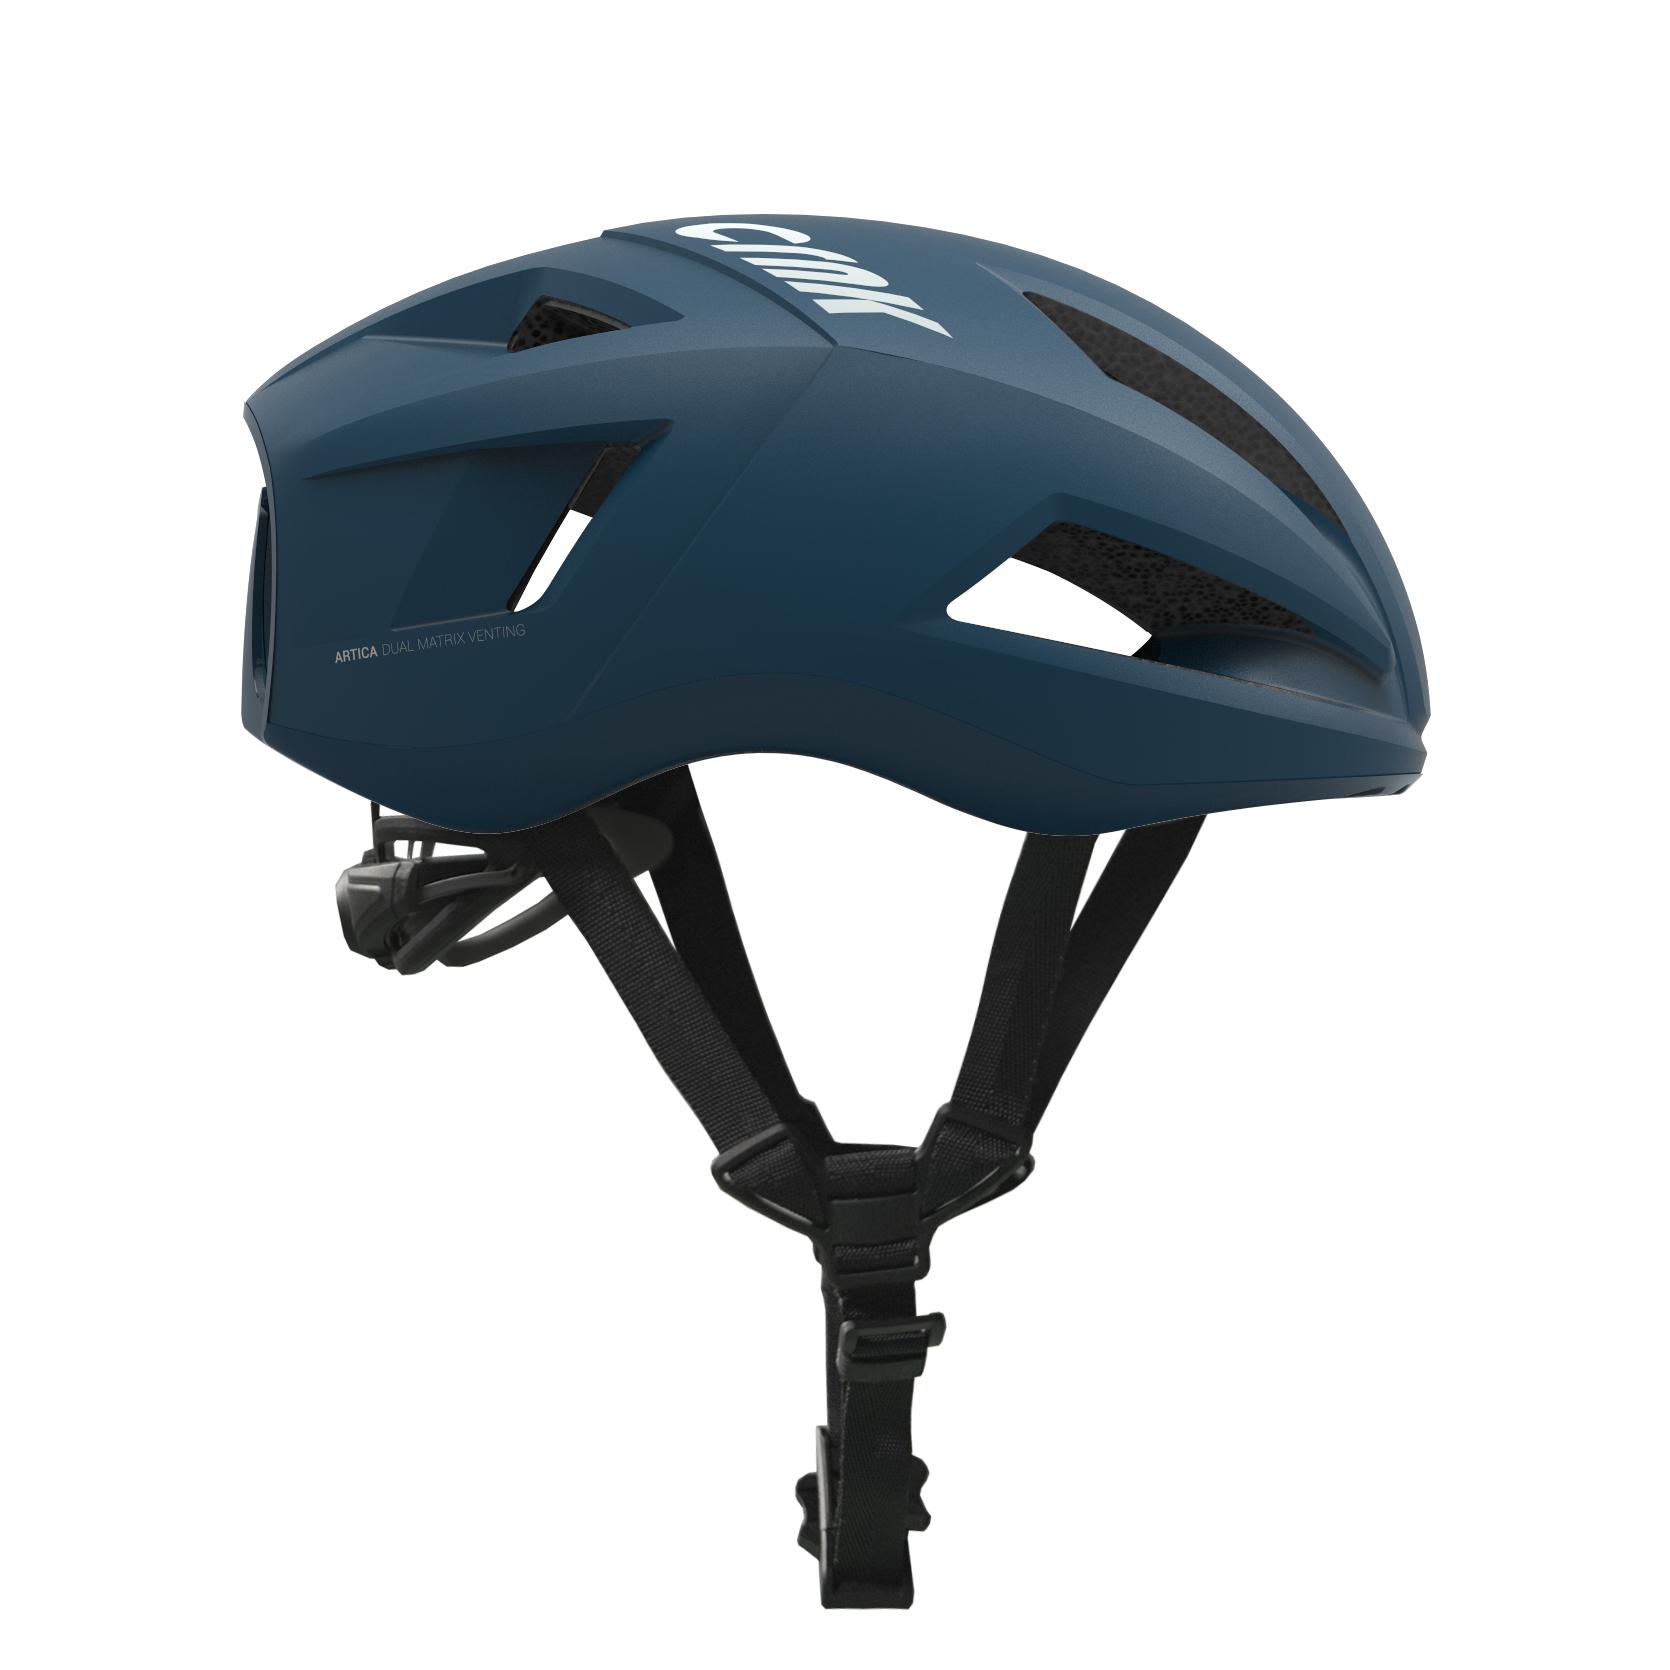 크랭크 ARTICA 자전거 헬멧, Blue